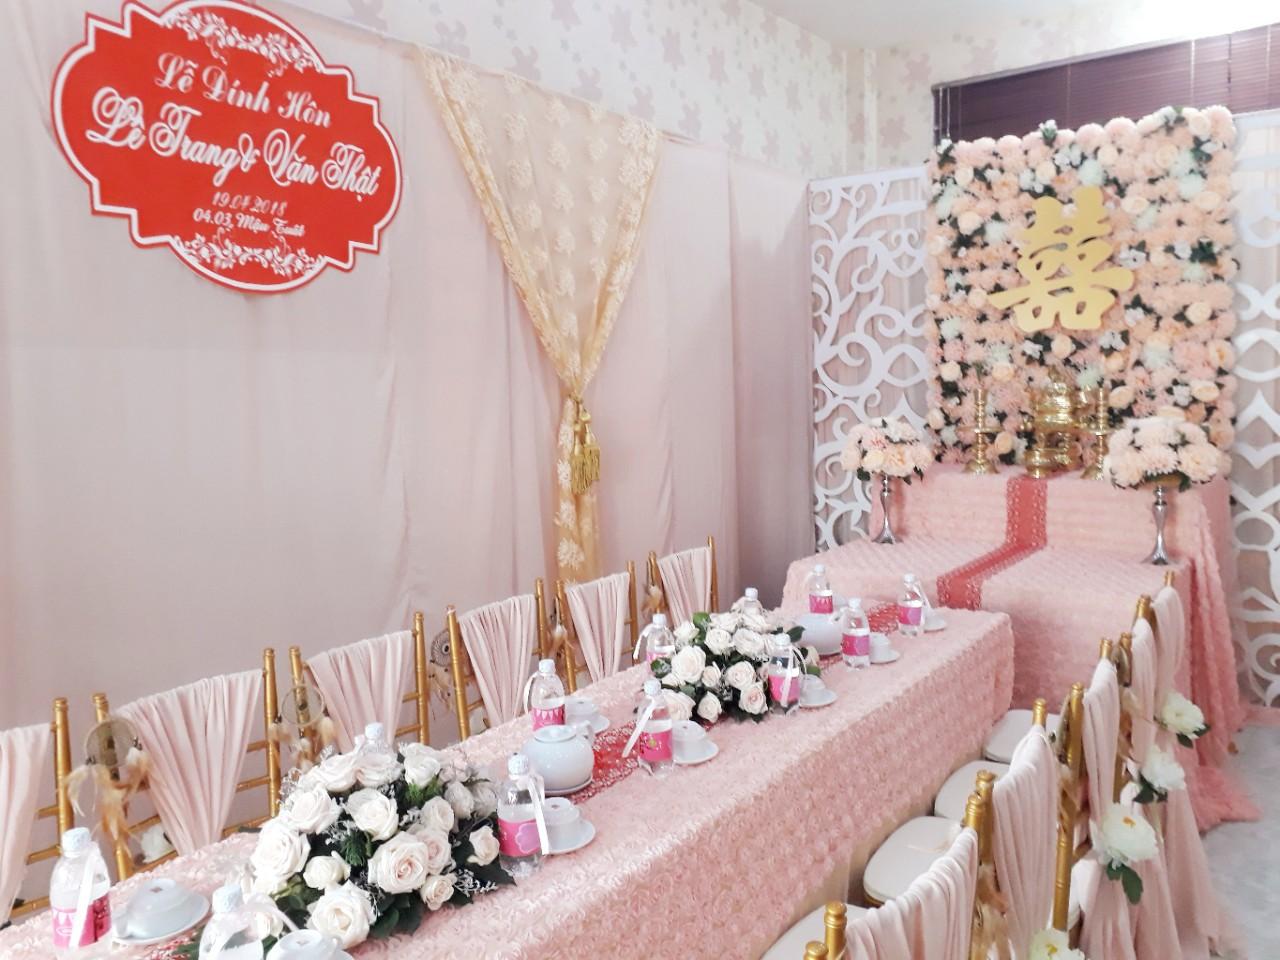 Dịch vụ cưới hỏi 24h trọn vẹn ngày vui chuyên trang trí nhà đám cưới hỏi và nhà hàng tiệc cưới | Trang trí nhà cưới hỏi tông vàng ngọt ngào